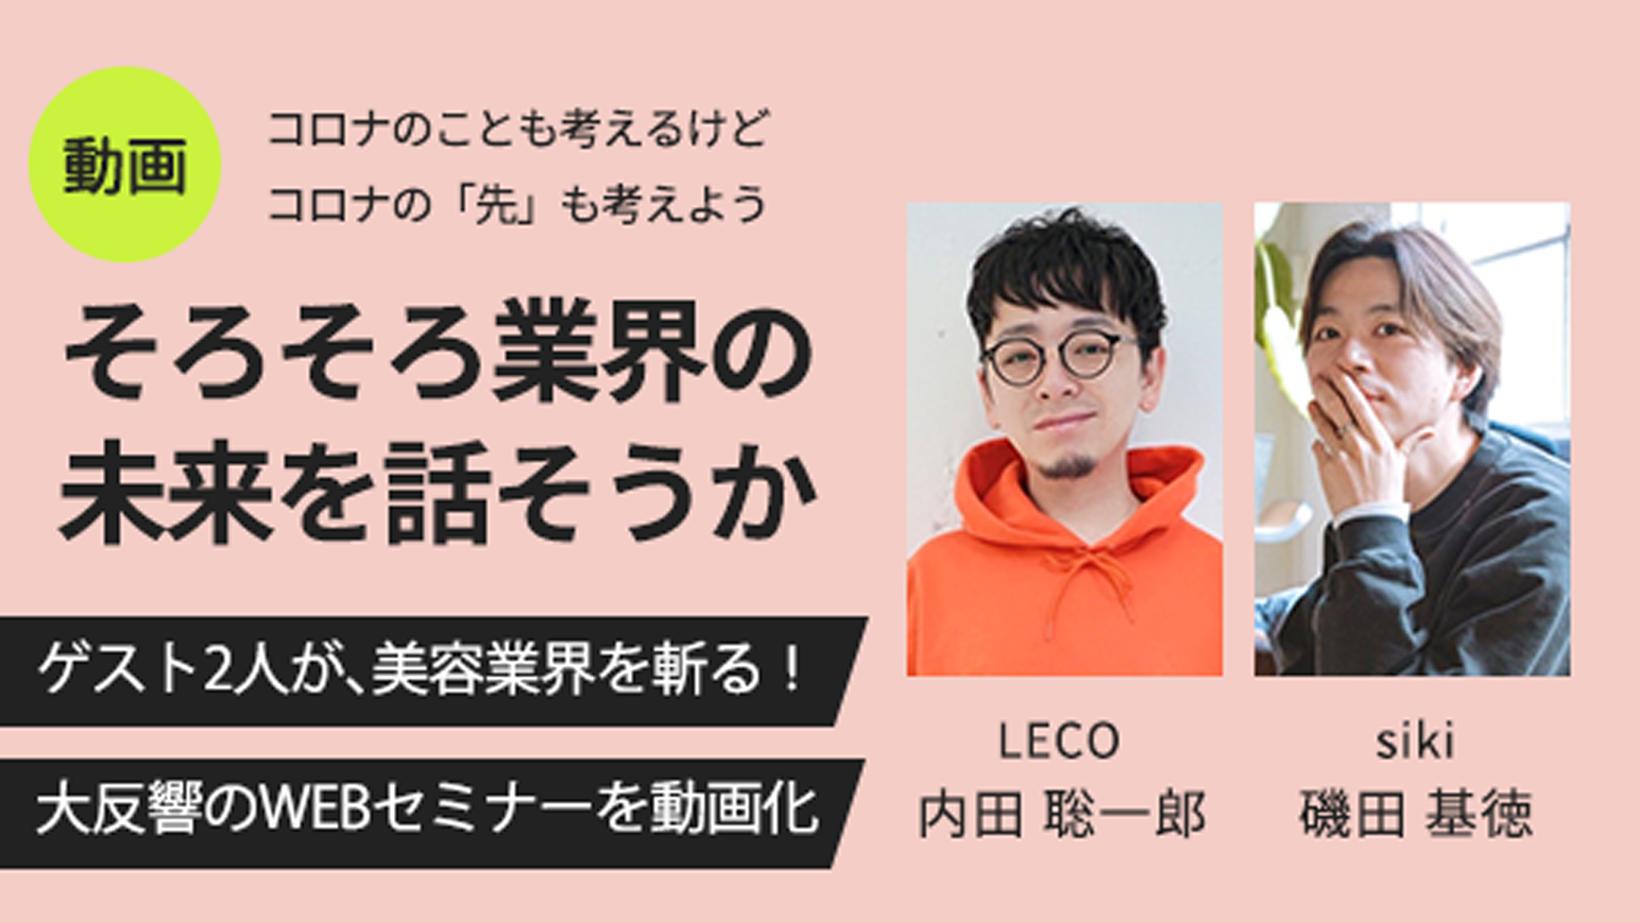 LECO 内田聡一郎/siki 磯田基徳『そろそろ業界の未来を話そうか』